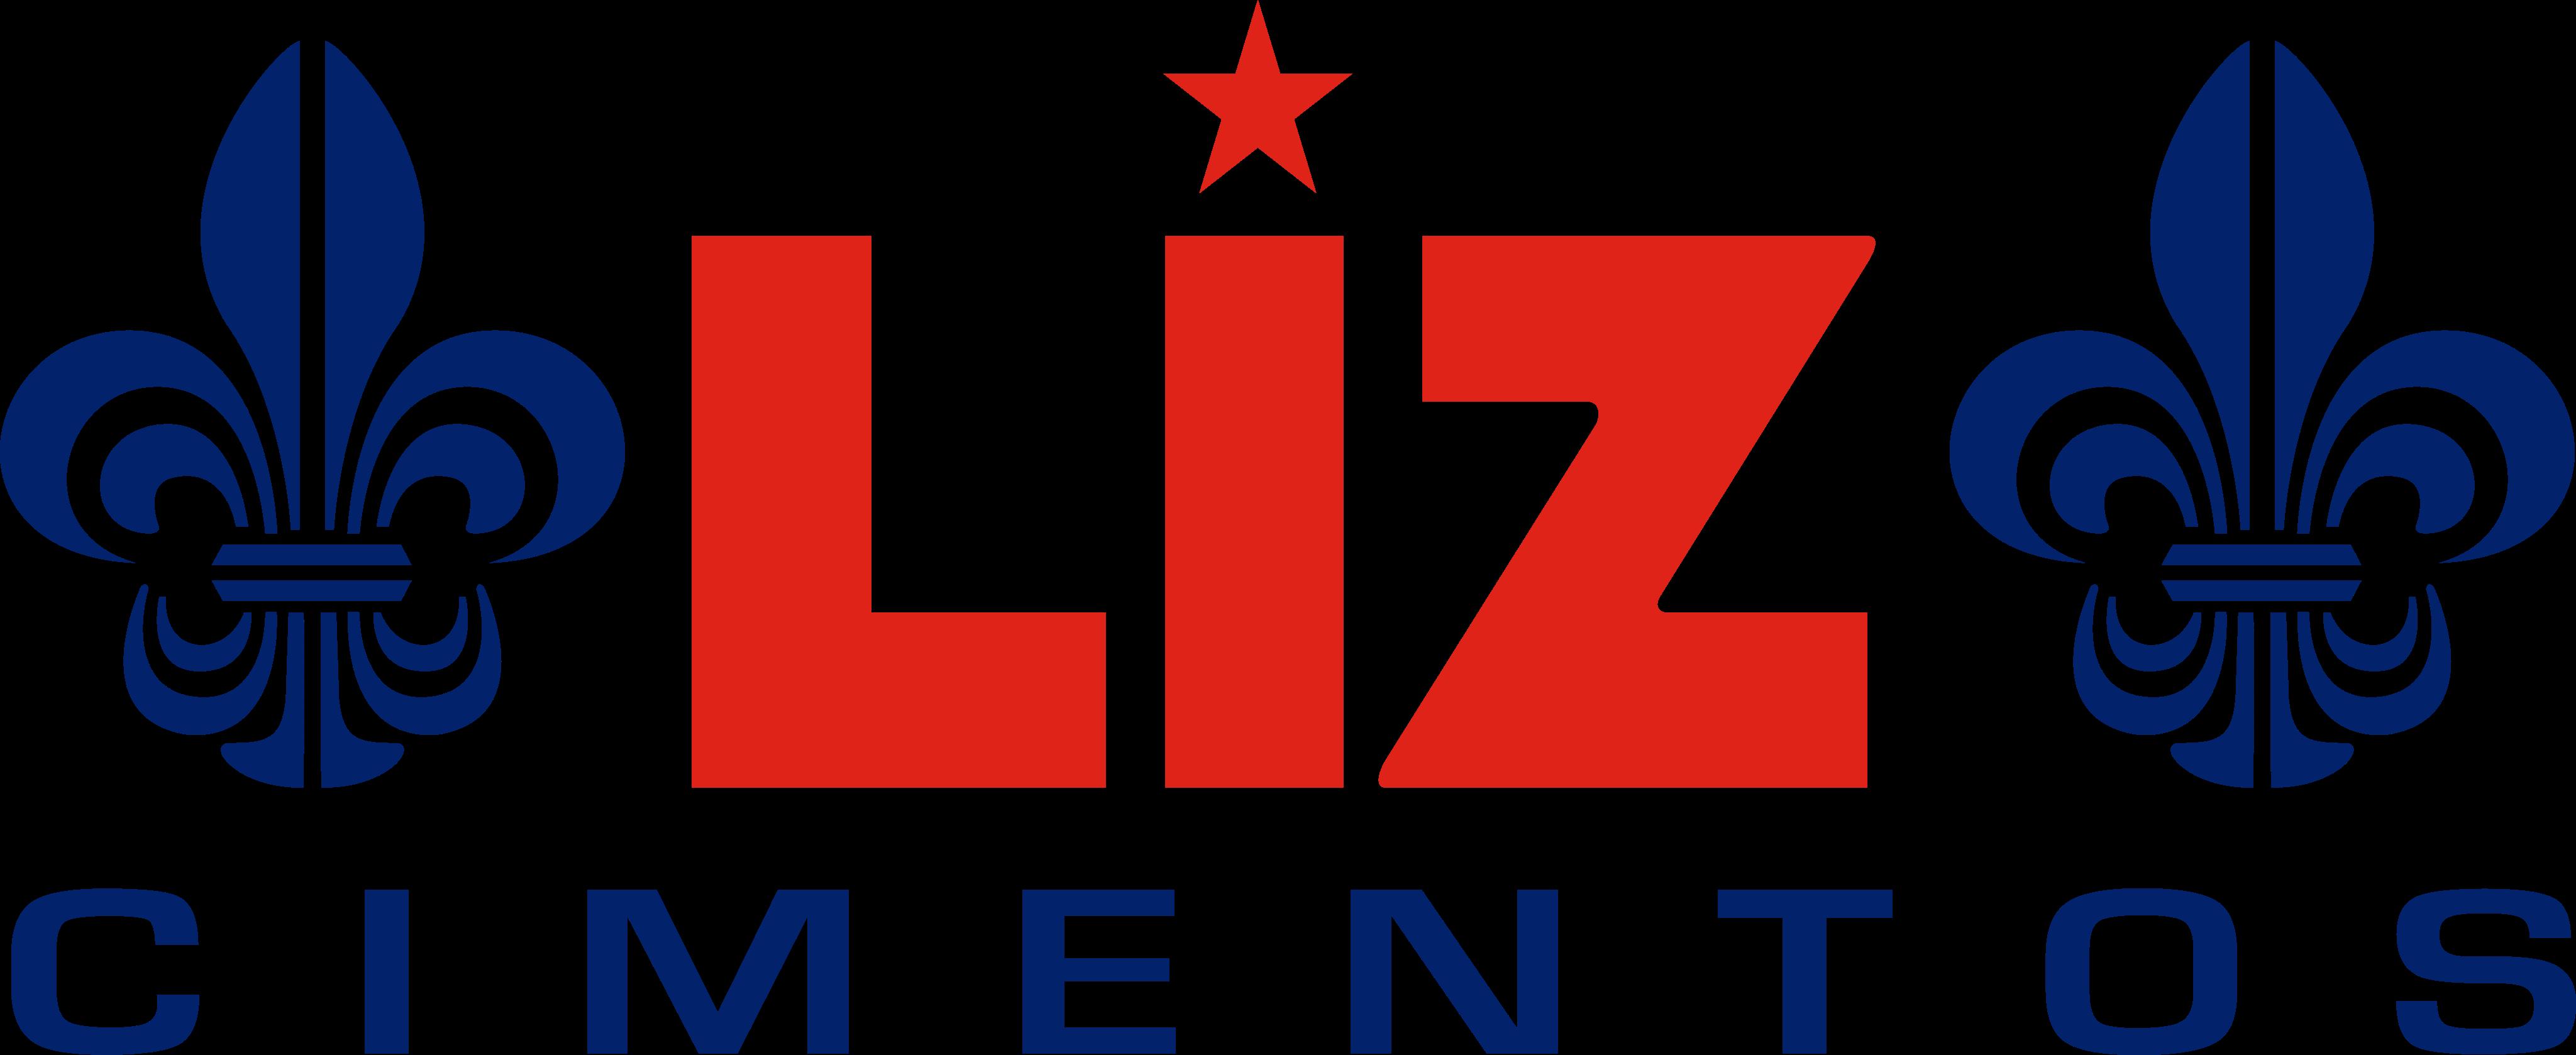 cimentos liz logo - Cimentos Liz Logo